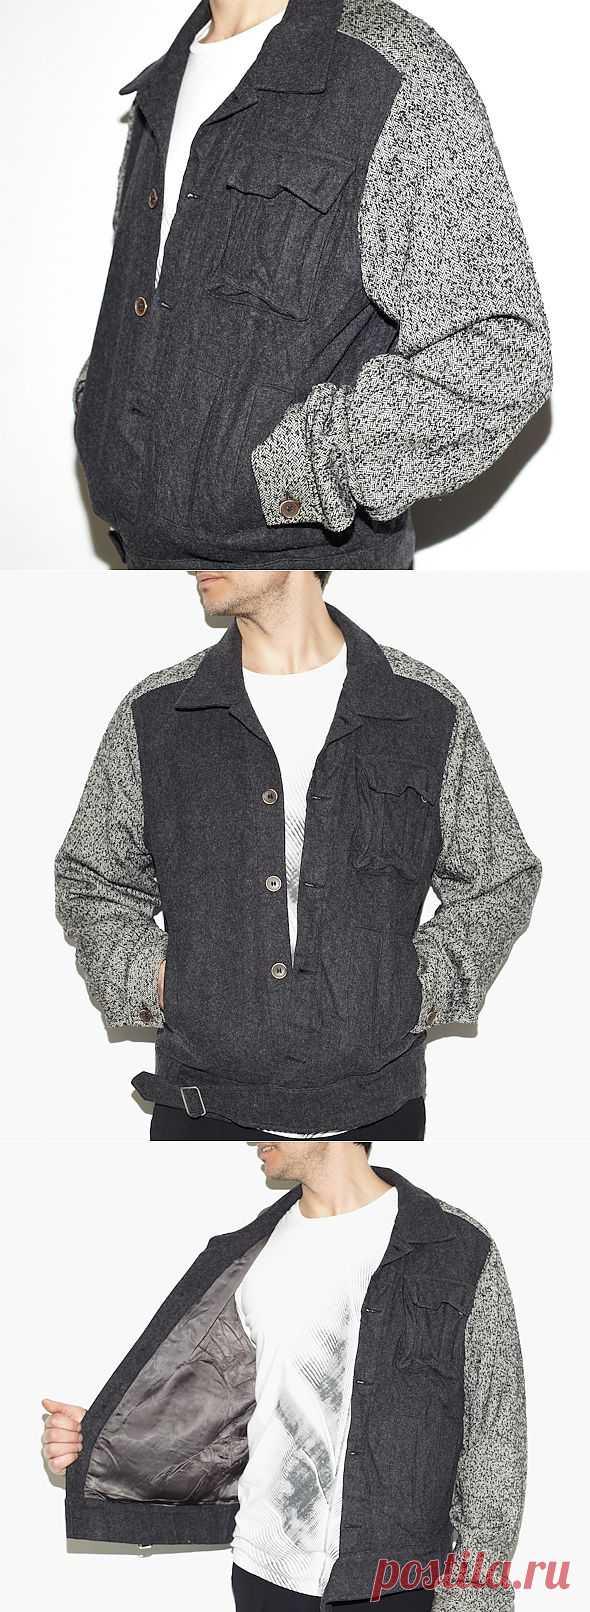 Мужская куртка Michiko Koshino Jeans / Мужская мода / Модный сайт о стильной переделке одежды и интерьера